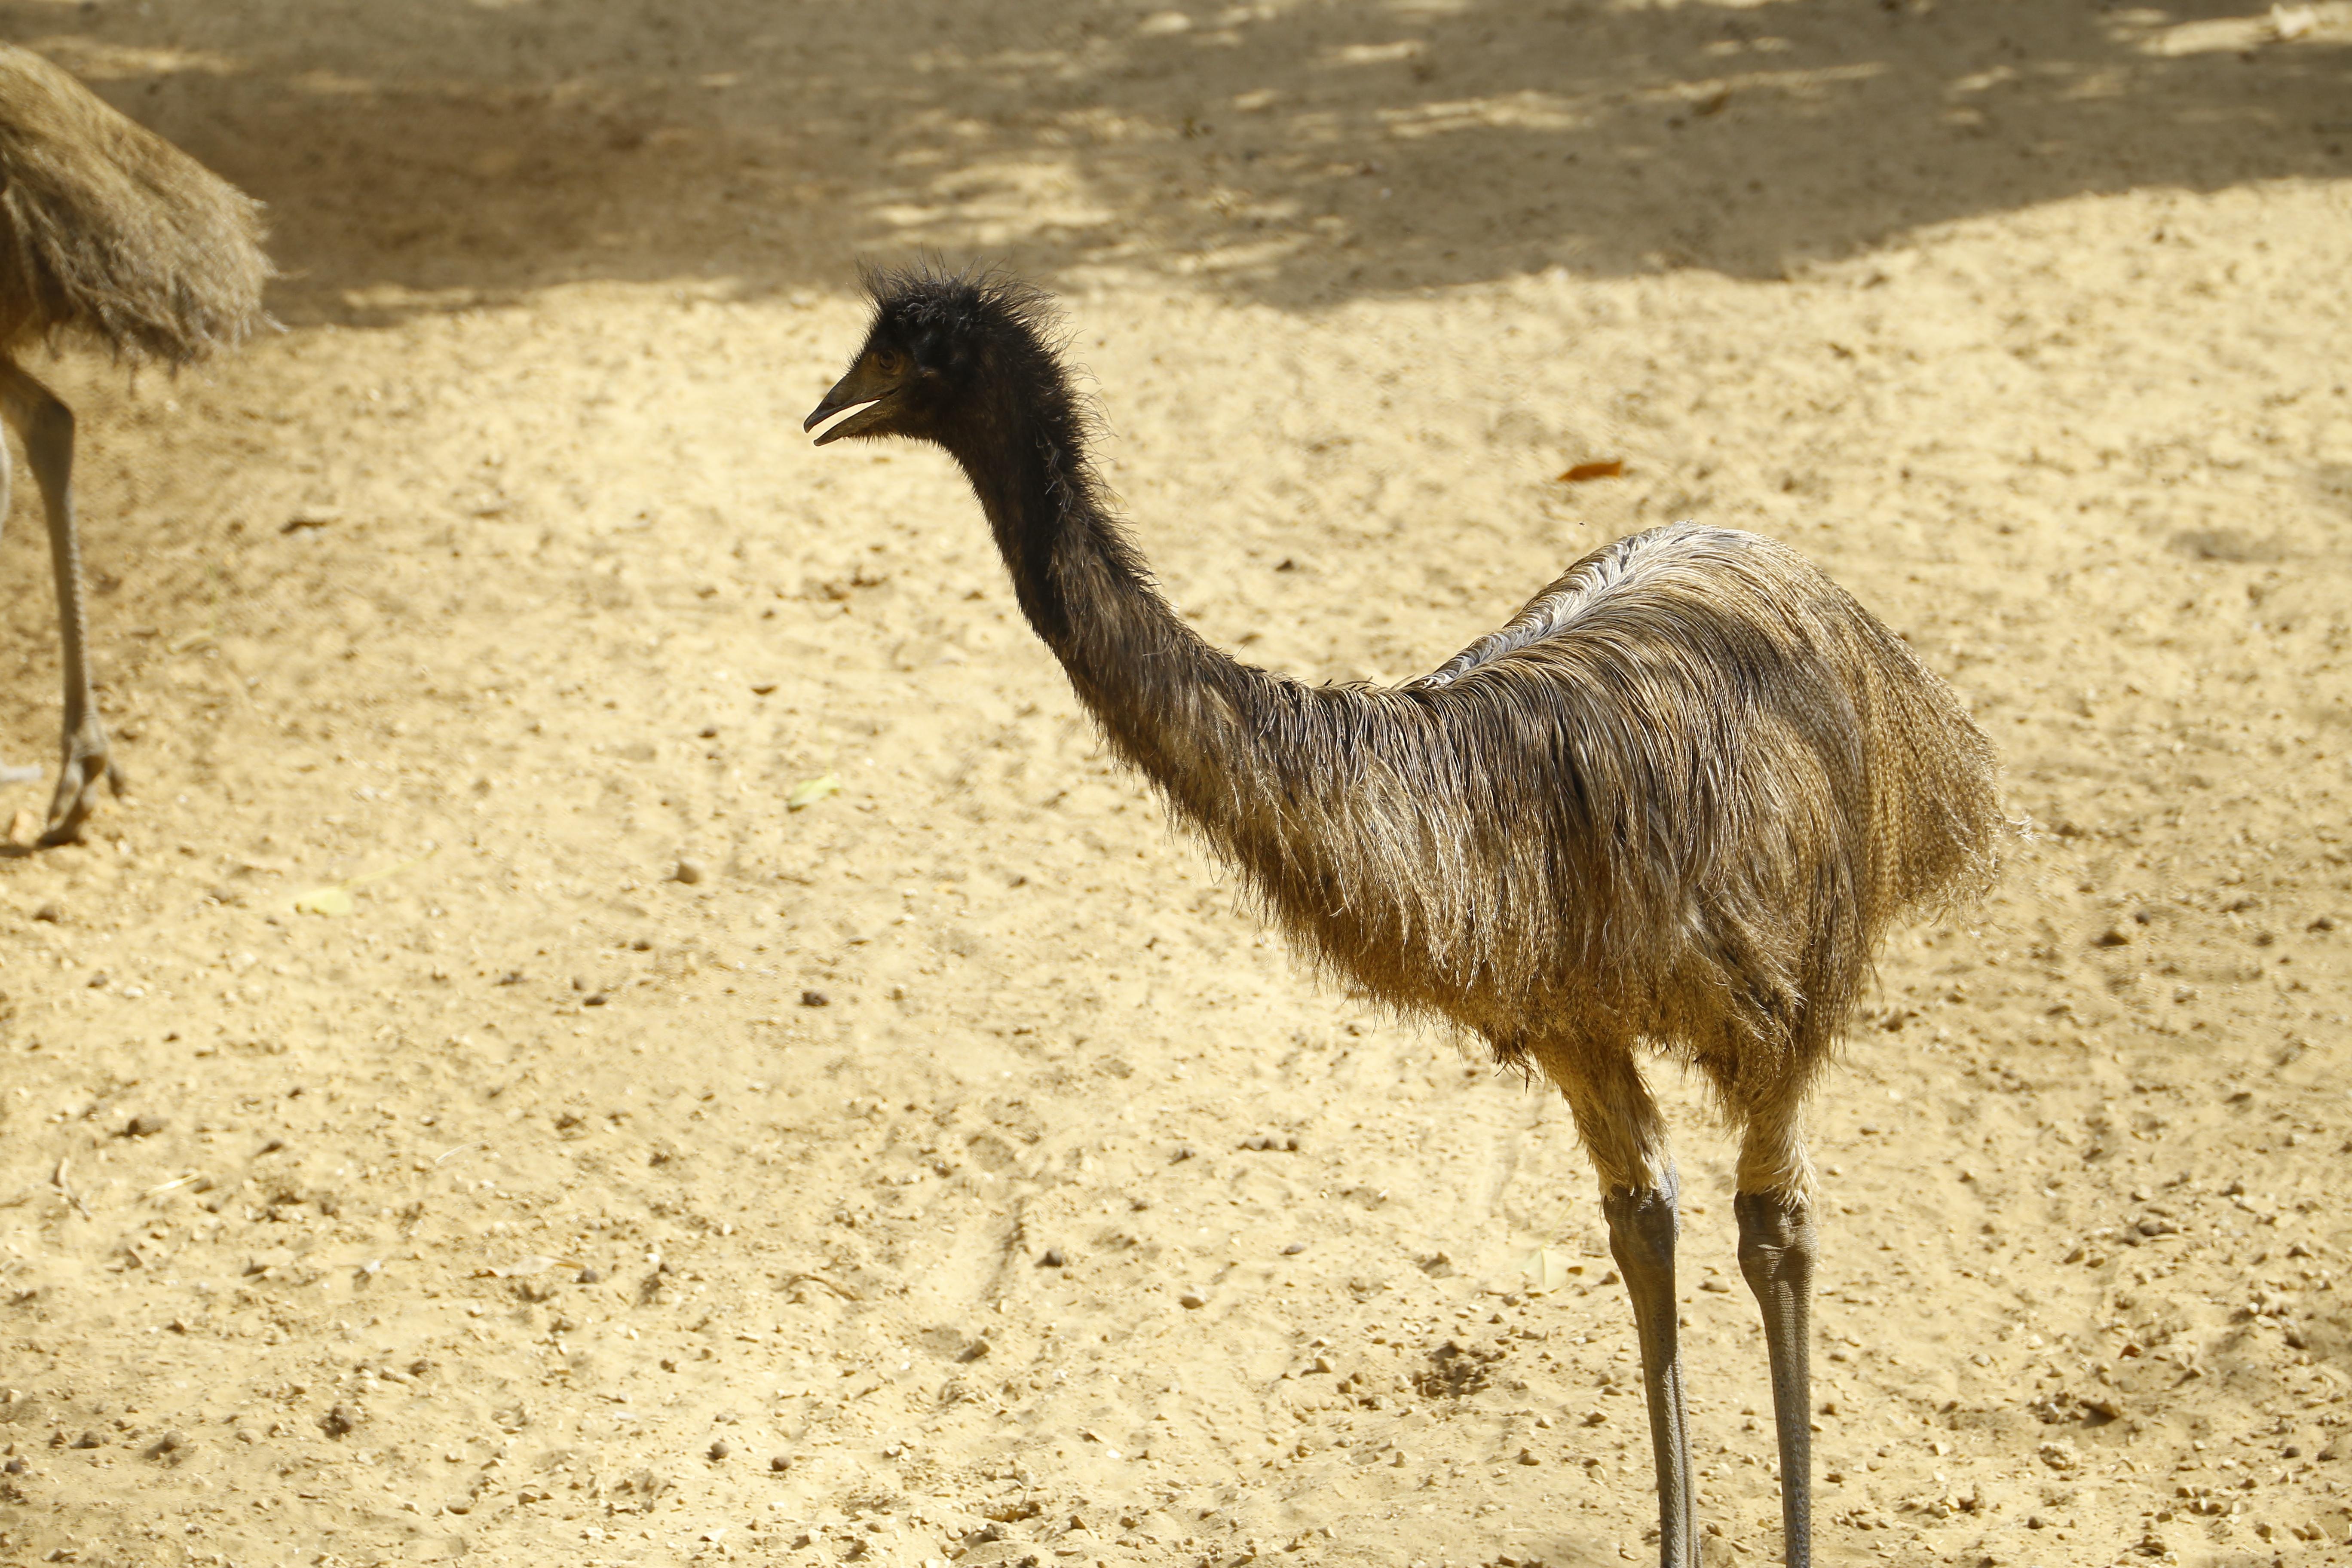 رفد حديقة الحيوانات بعدد من طيور النعام ضمن المنطقة الاستراليm